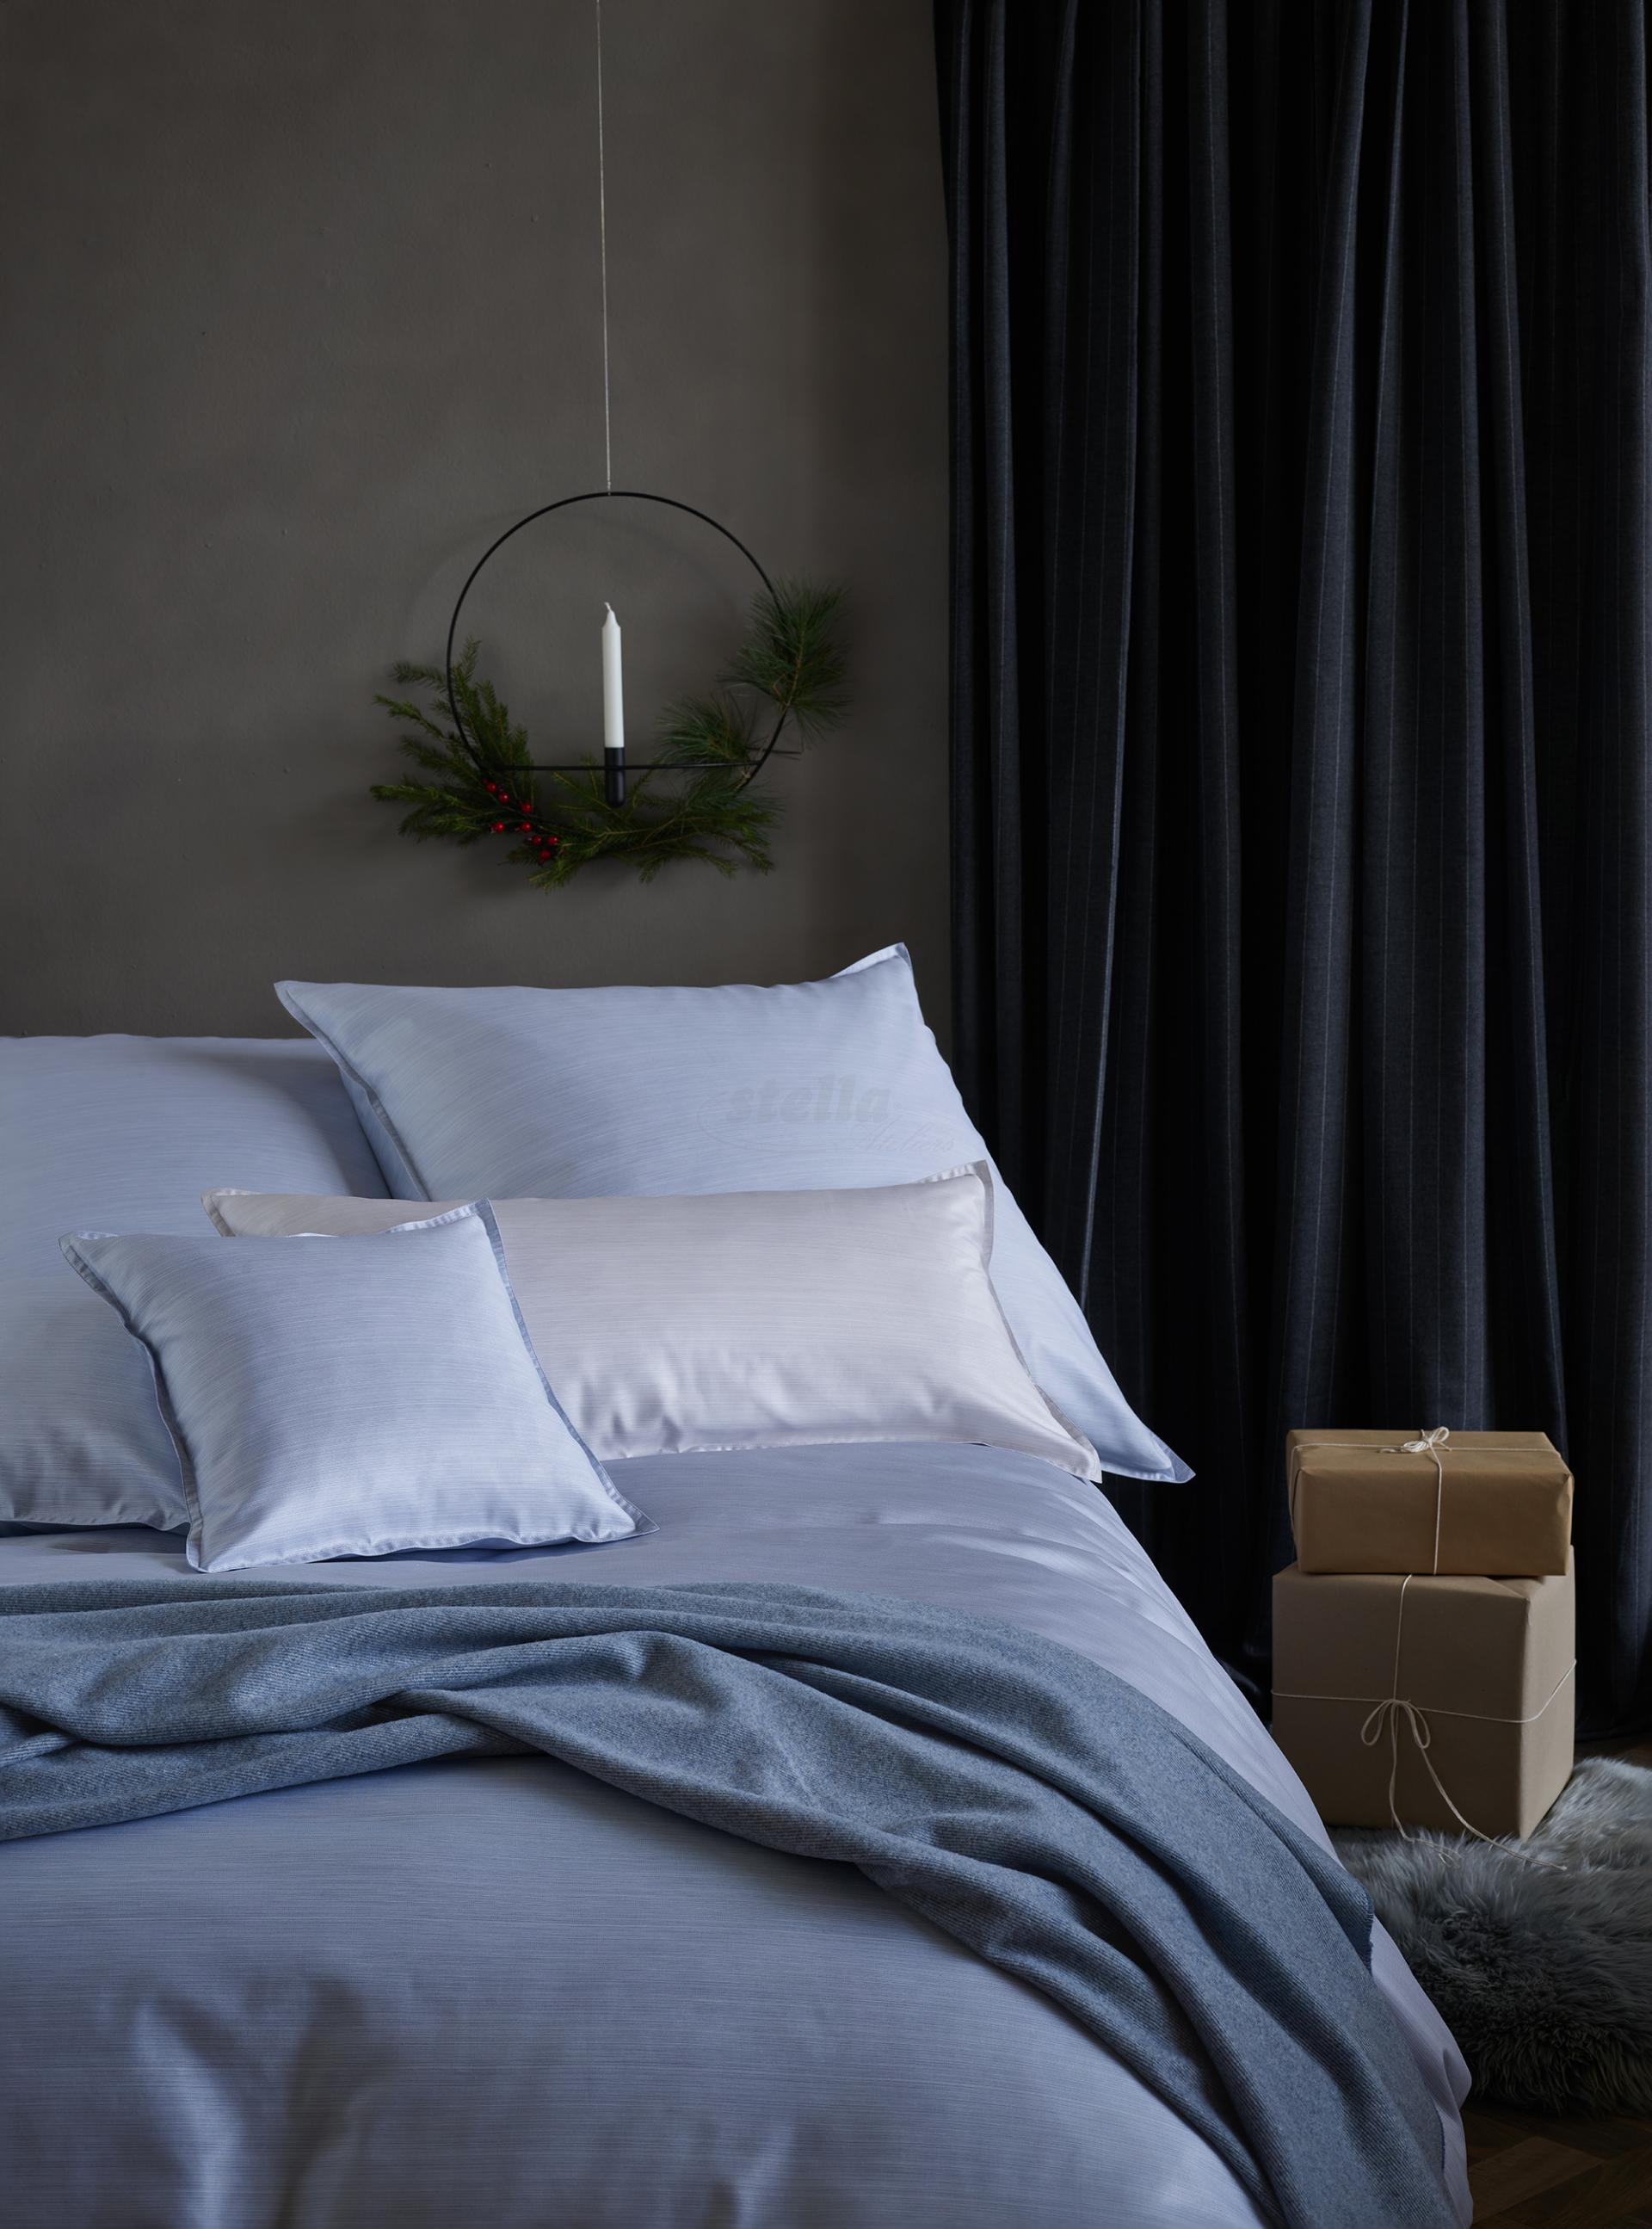 Luxusní ložní povlečení BENTE - blankytně modrá